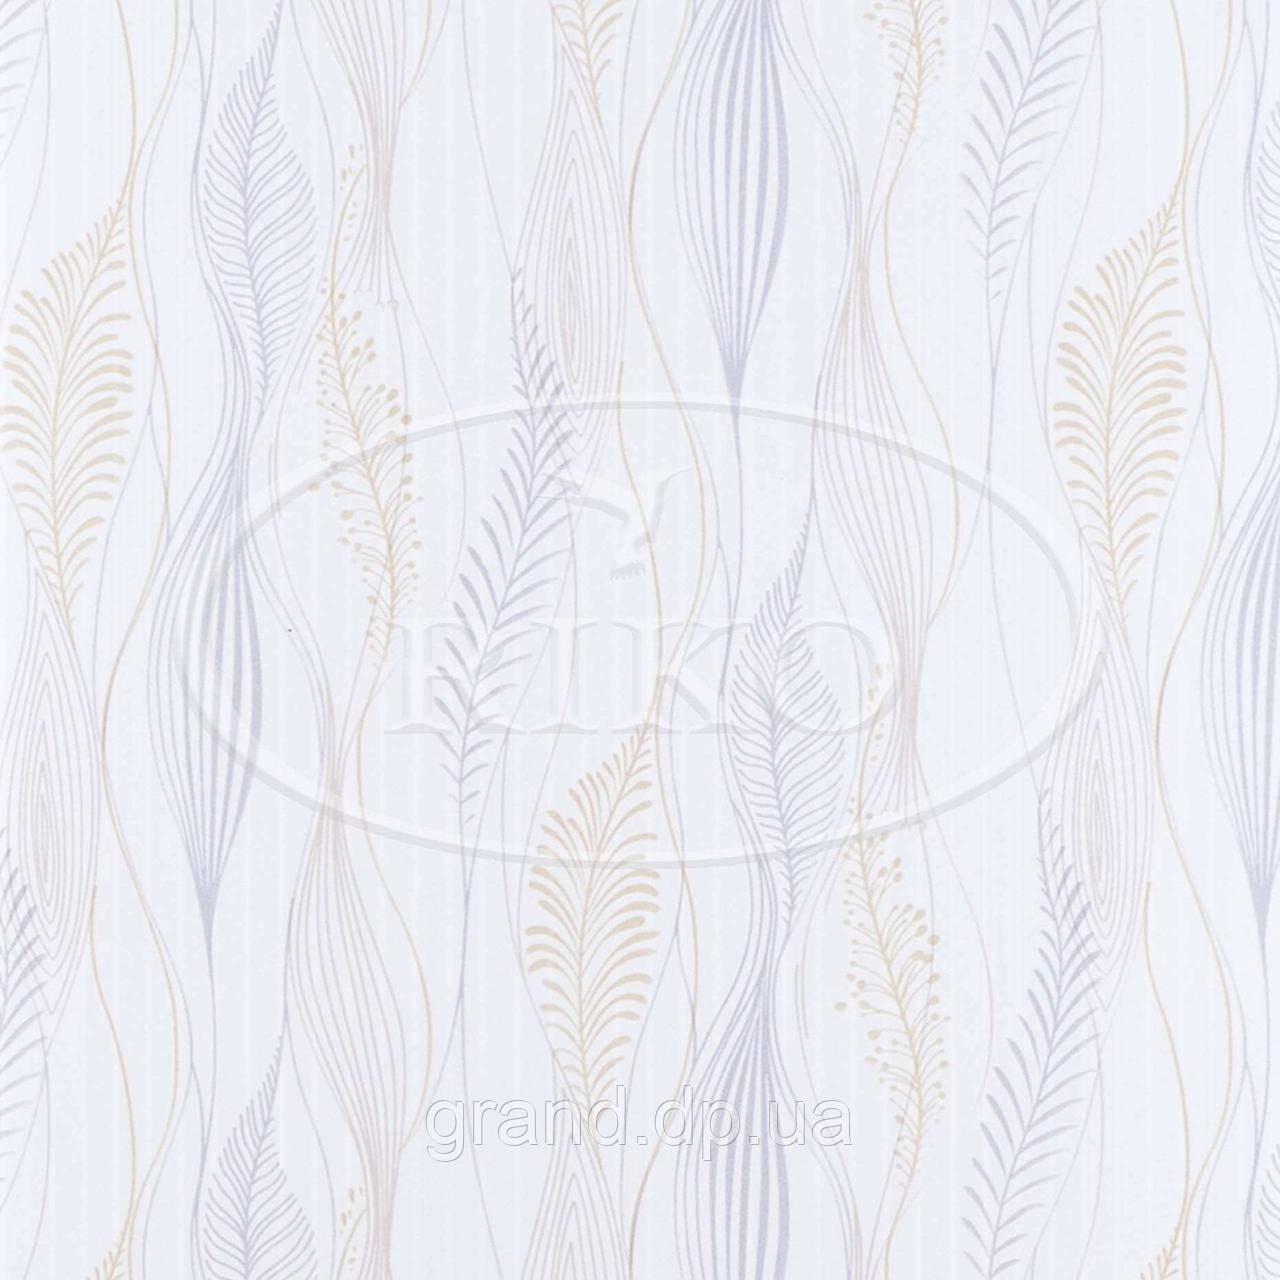 Пластиковые декоративные панели ПВХ Рико(Riko) 250*7*3000мм Иллюзия с Термопереводом бесшовные